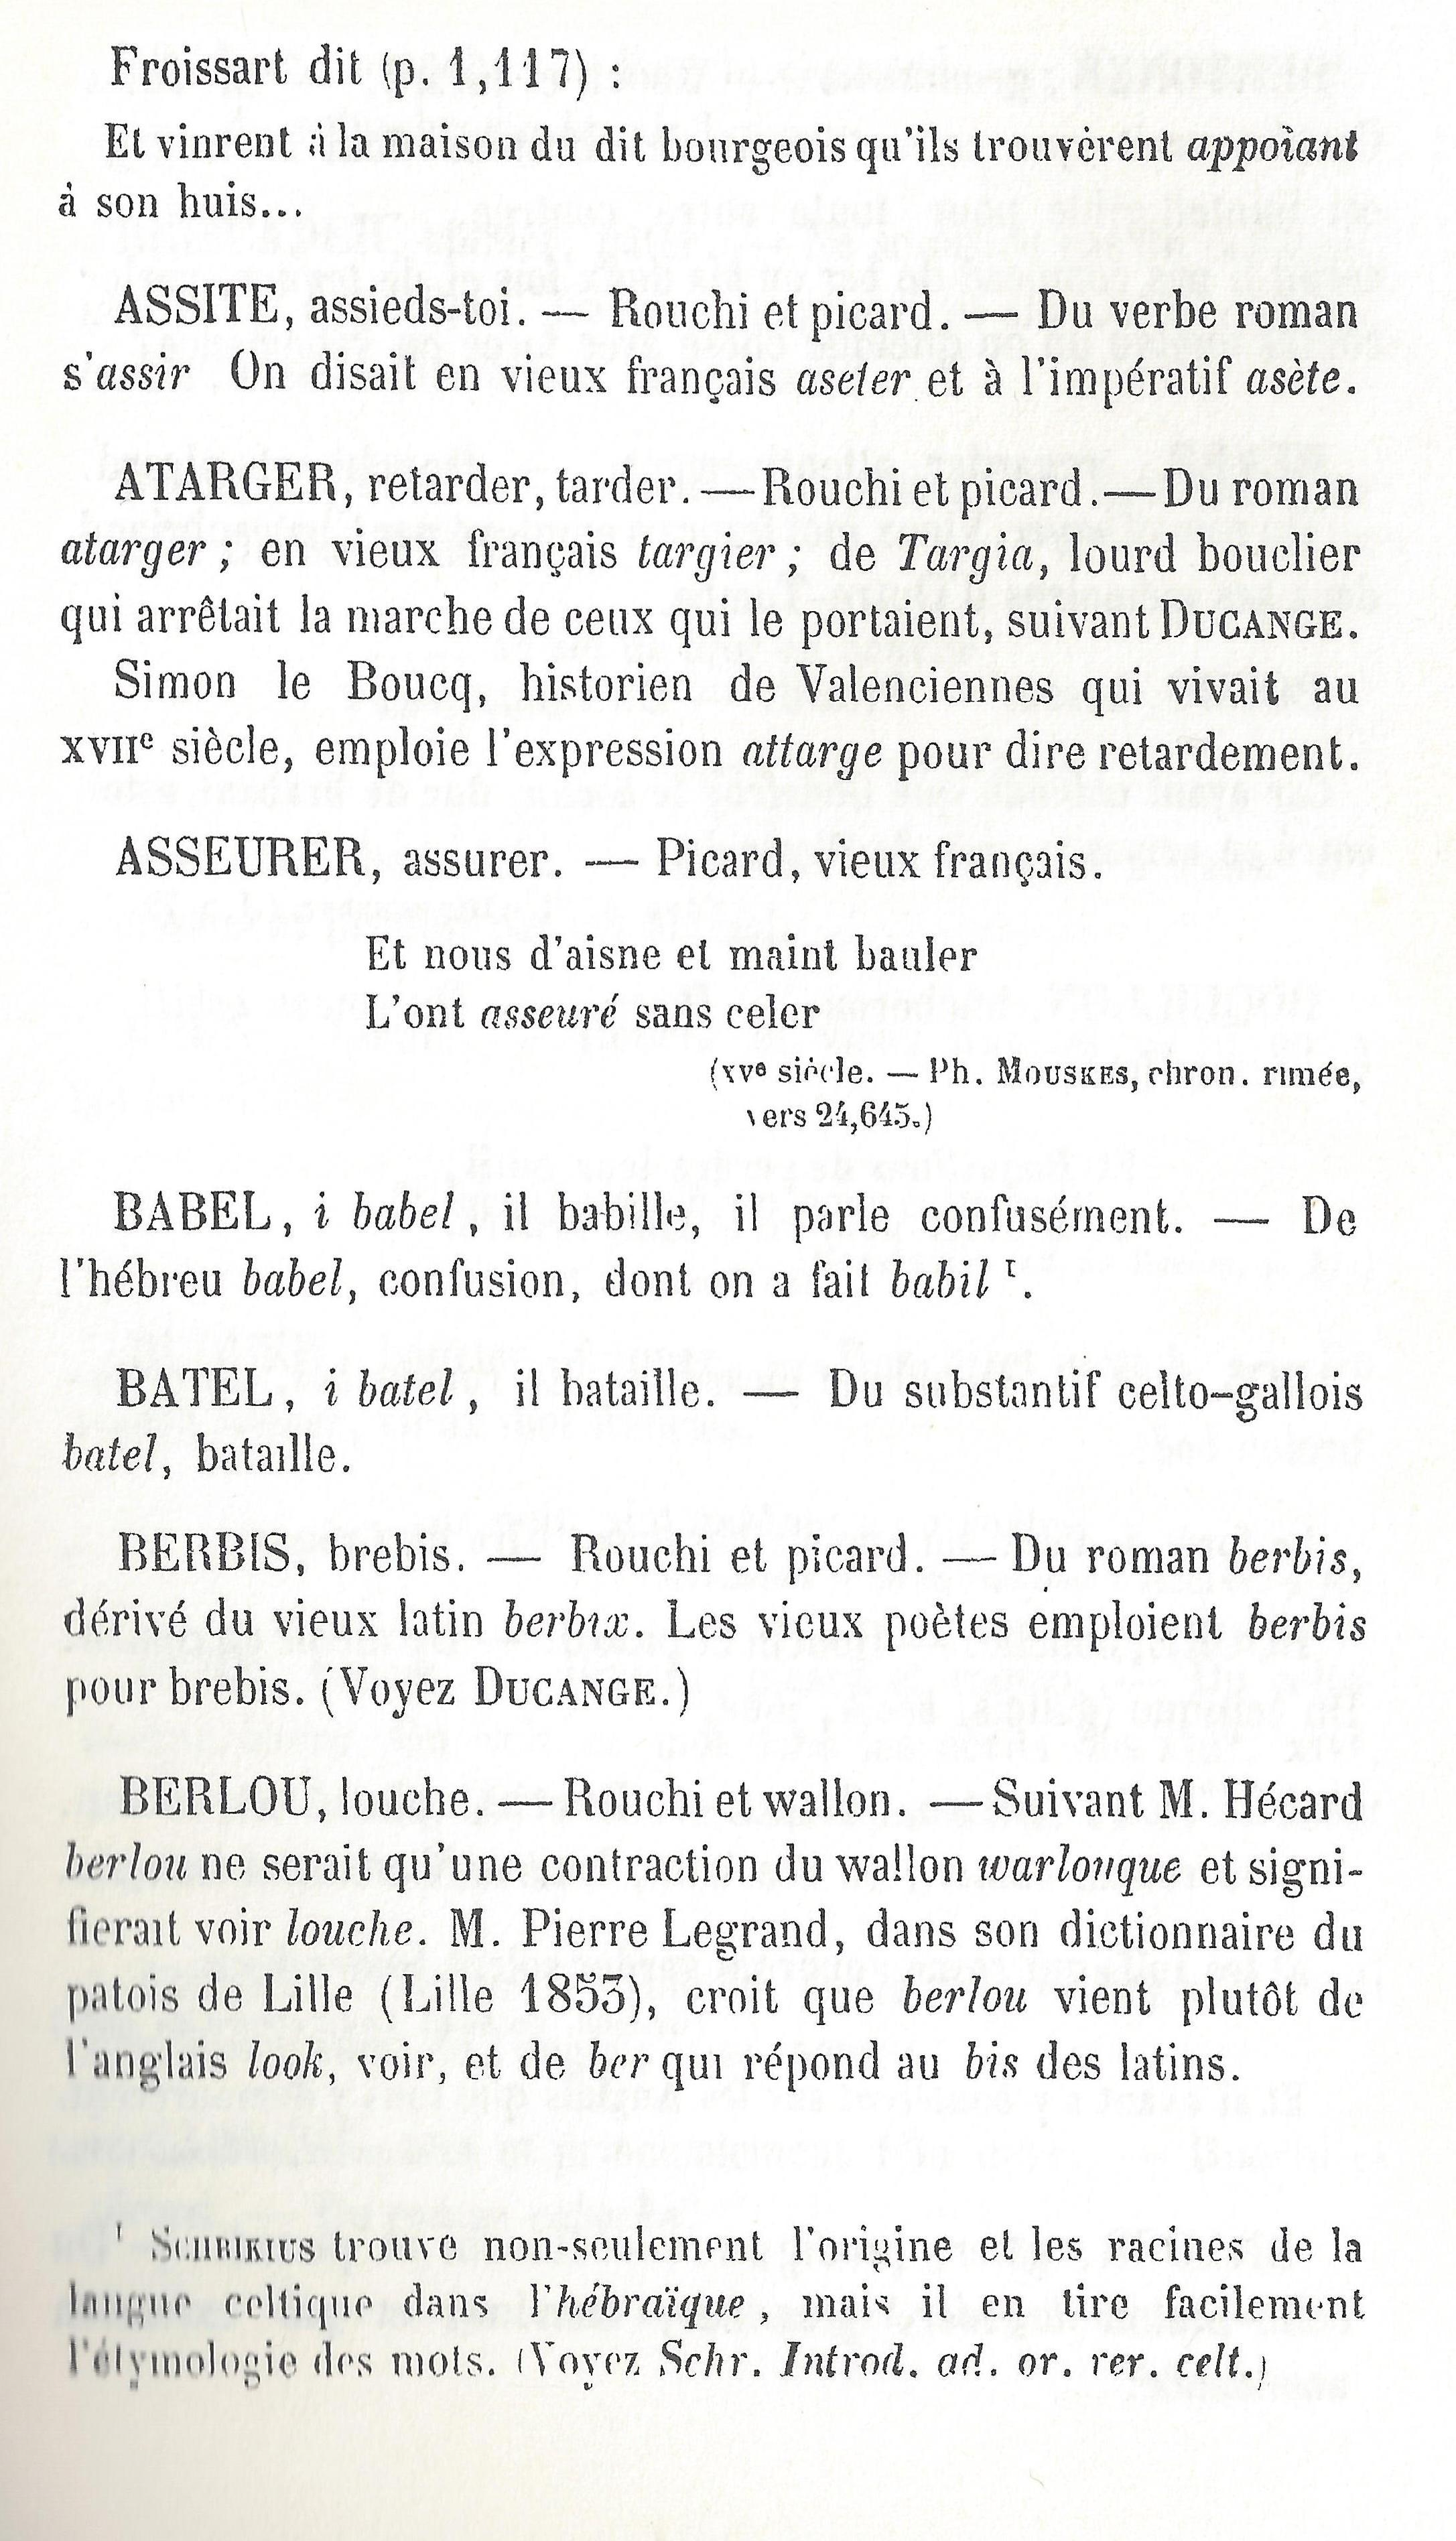 patoi de tg 2b_Histoire du Tourcoing Charles Roussel_Delfontaine le livre d'histoire monographies des villes et villages de France